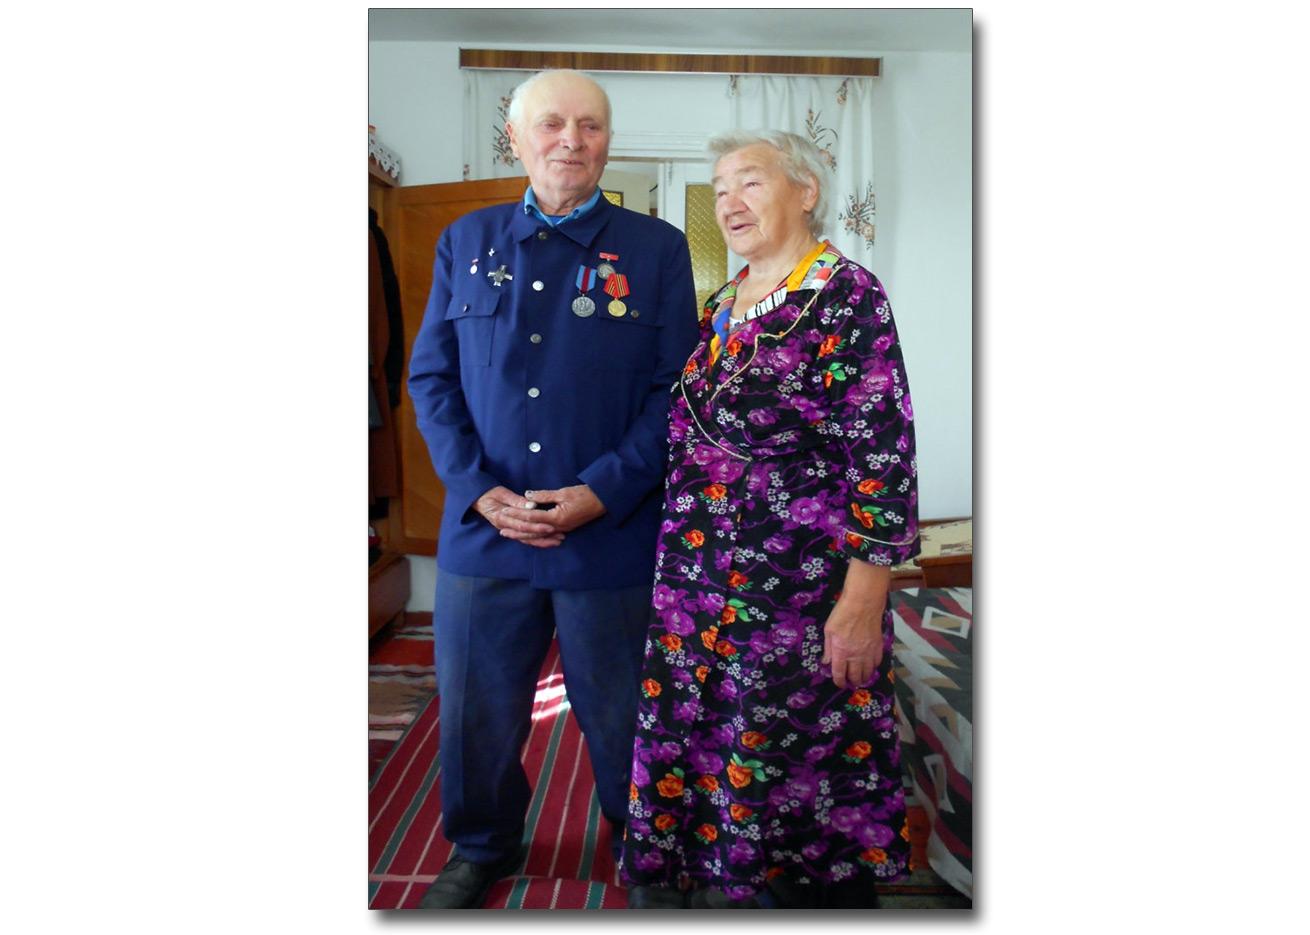 Franciszek i Zofia Jakowczykowie (Dowbysz, wrzesień 2011 roku)